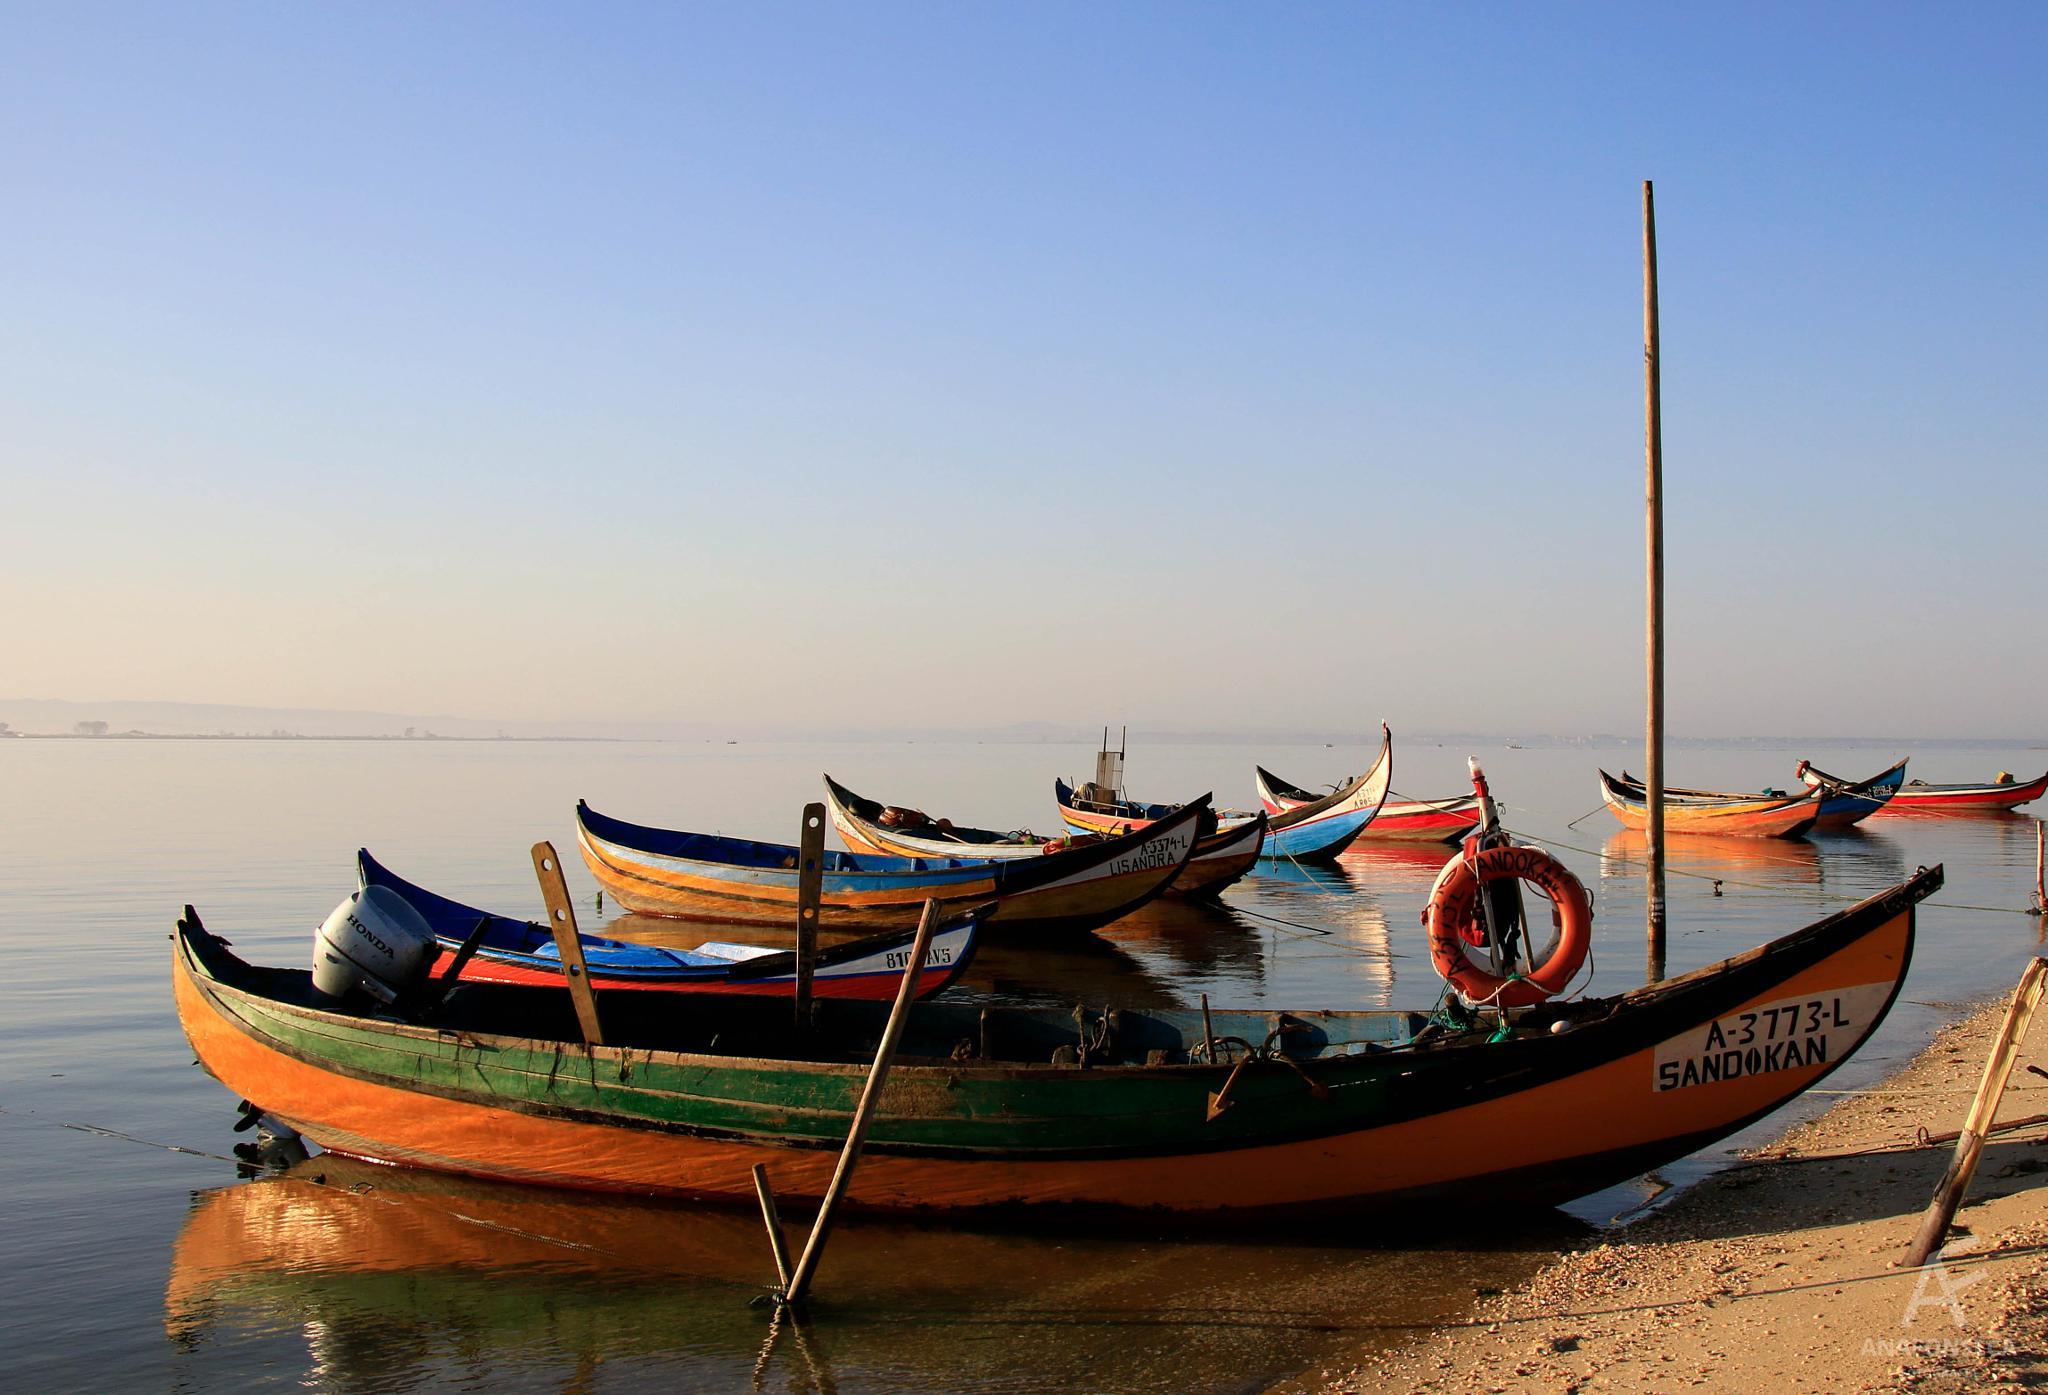 Boats by Ana Paula Fonseca